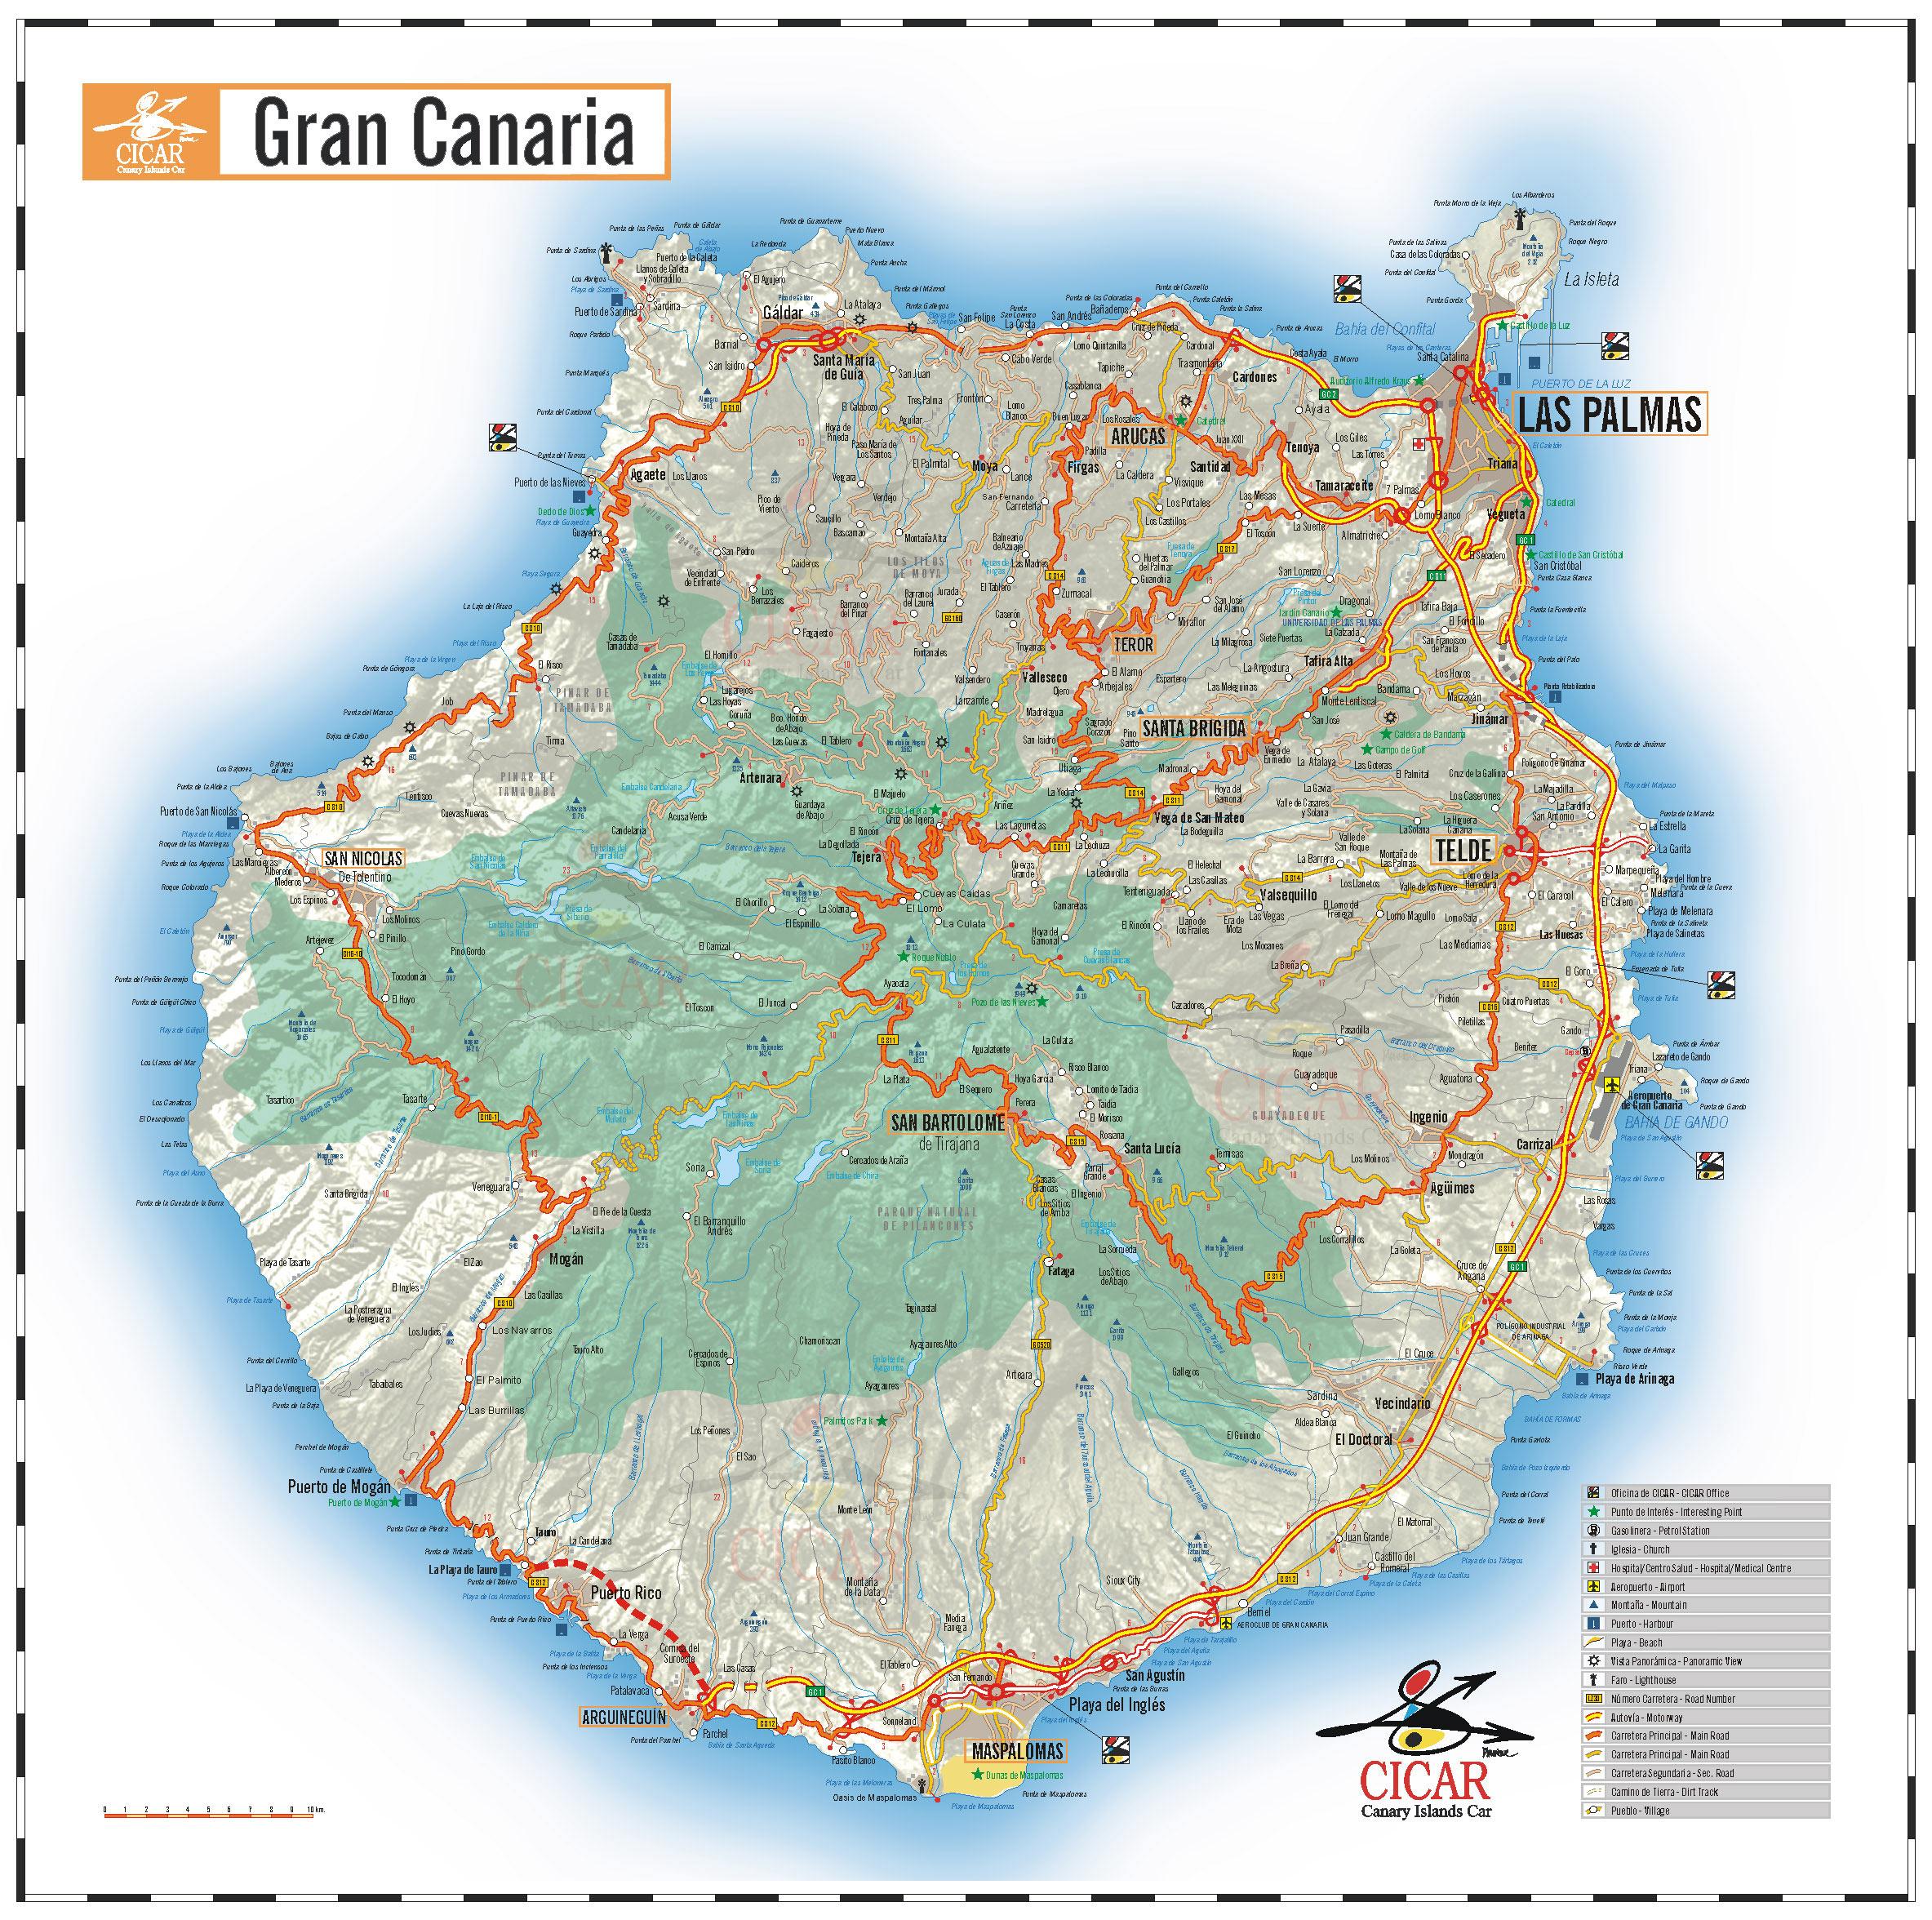 Tamaño Islas Canarias de la Isla Gran Canaria